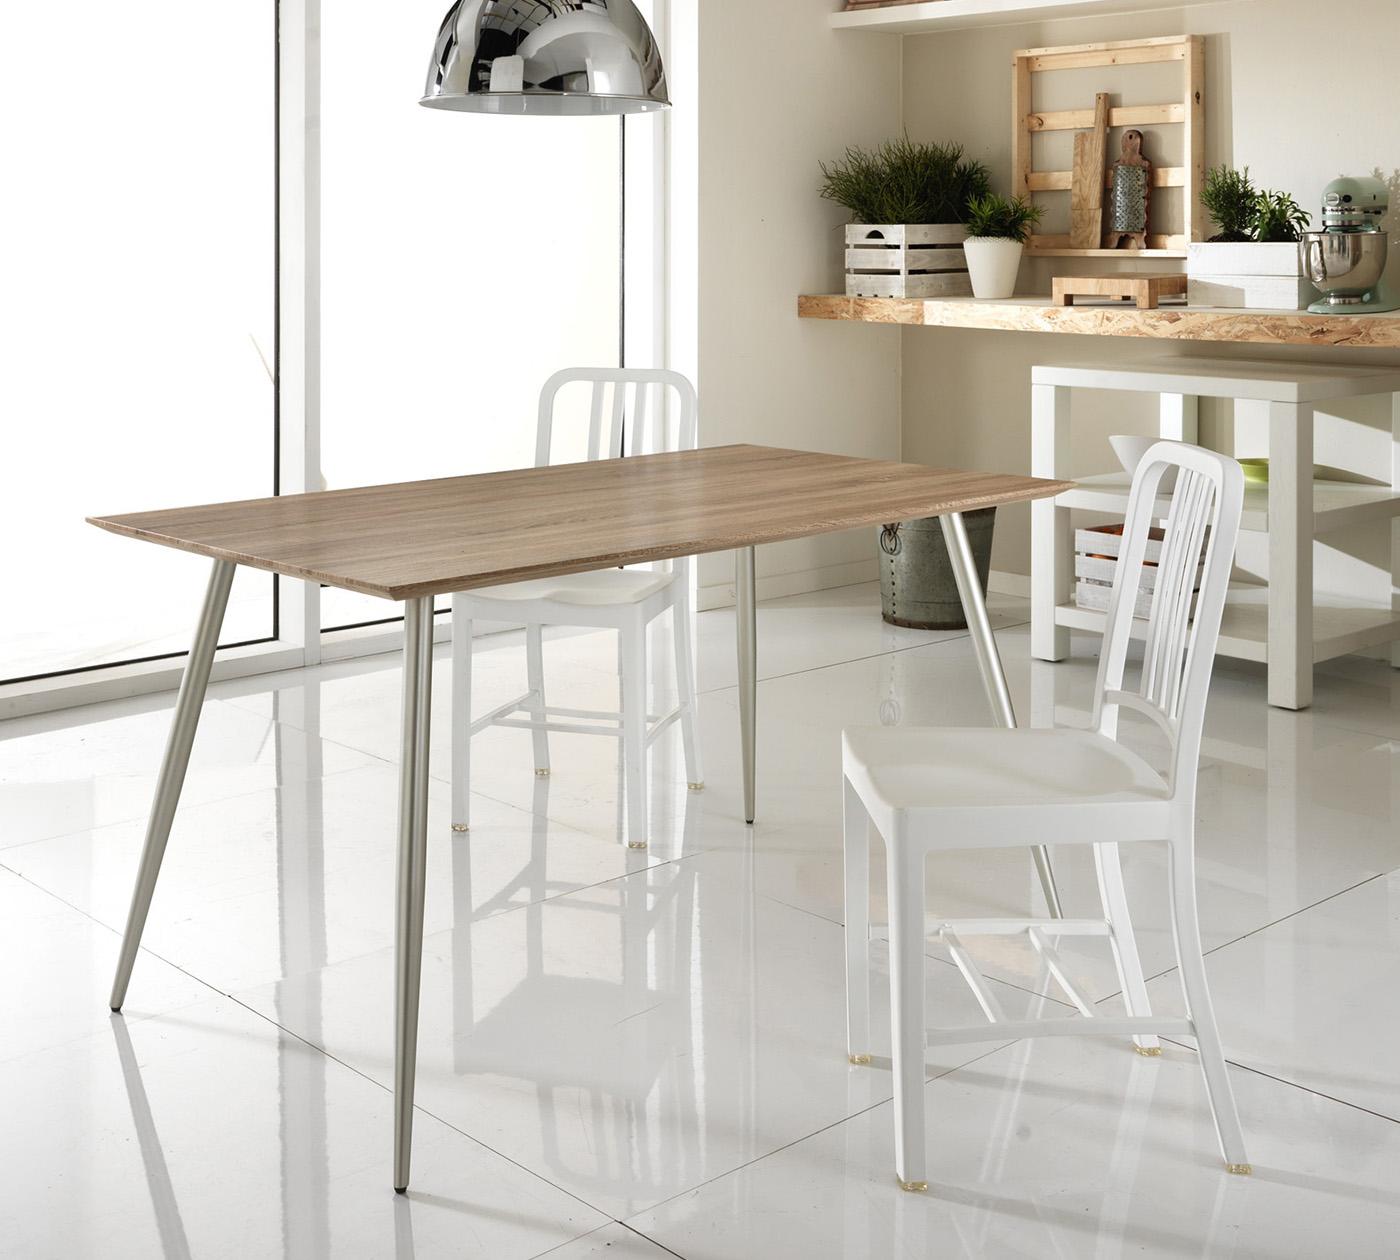 Tavolo da pranzo Eko Rovere | Duzzle